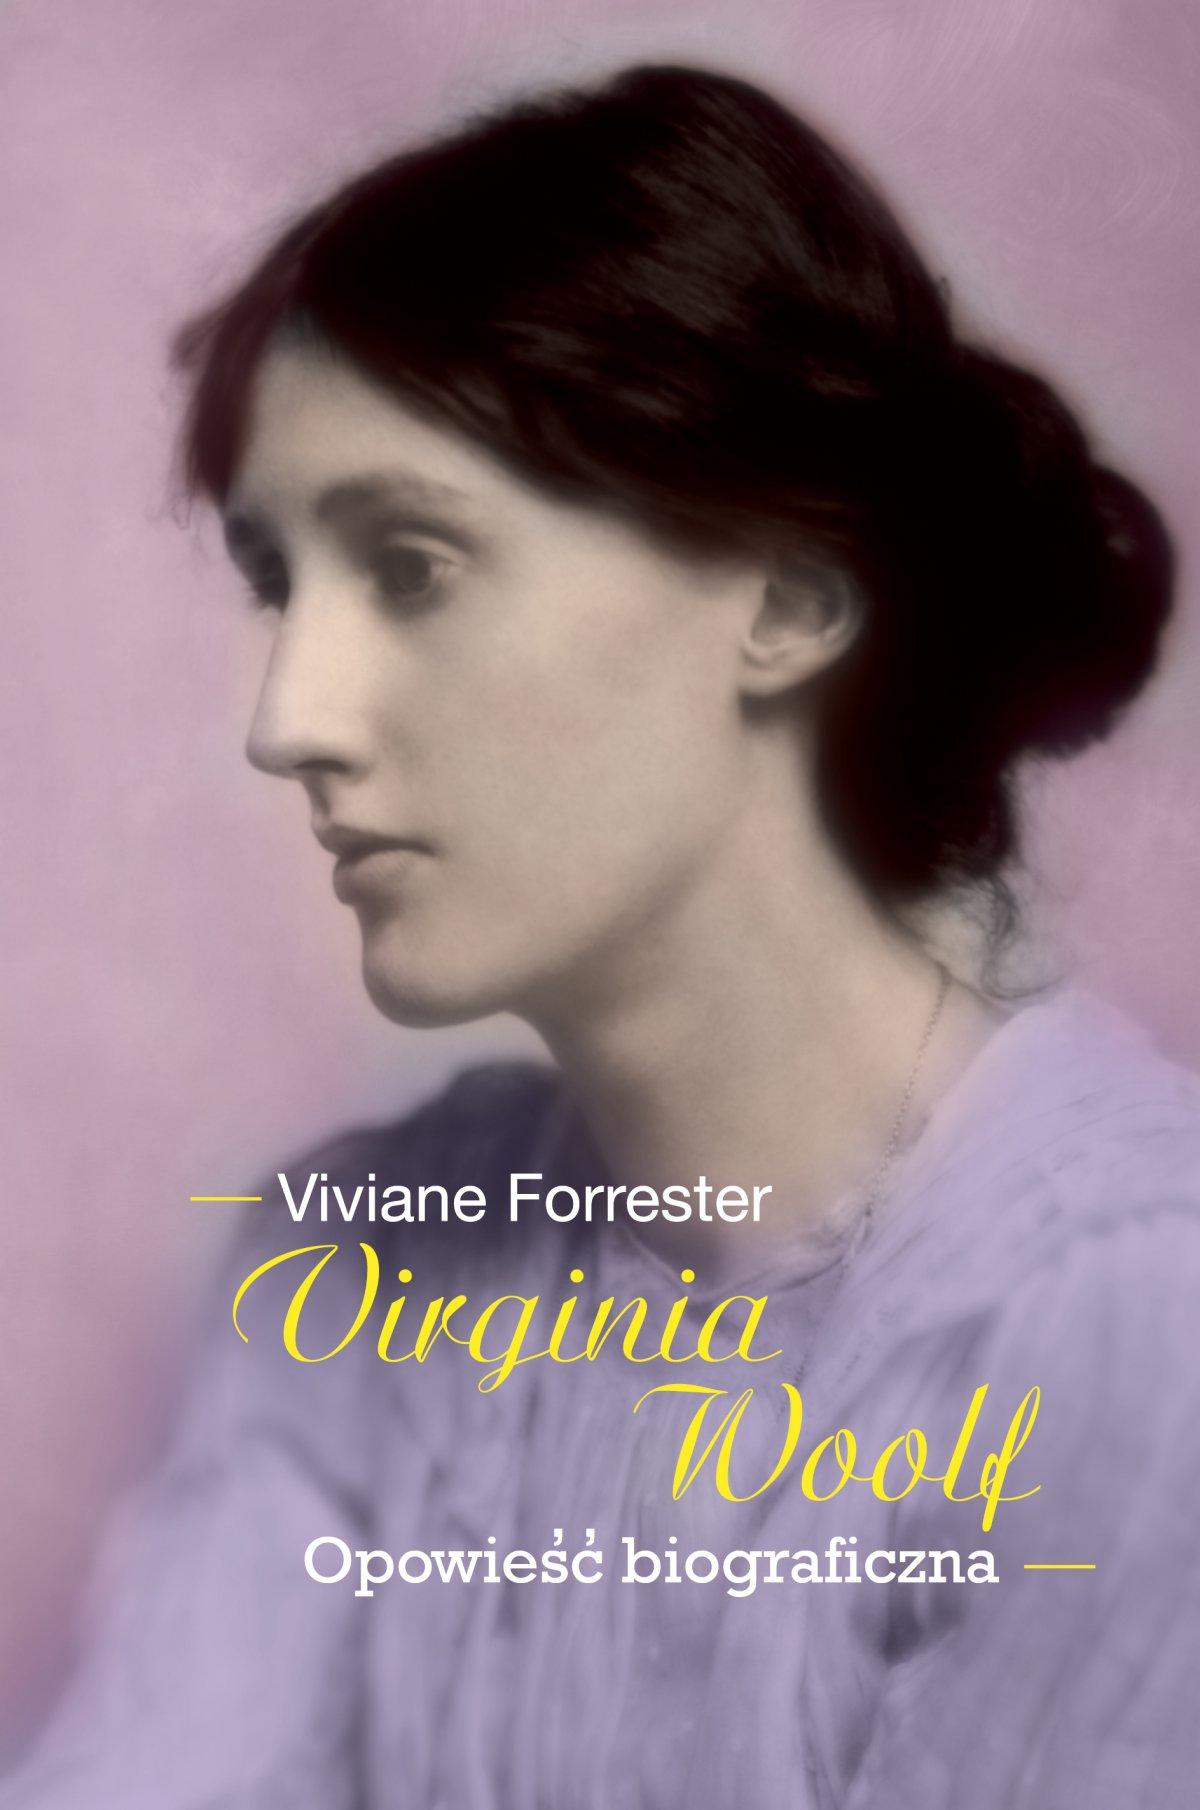 Virginia Woolf. Opowieść biograficzna - Ebook (Książka EPUB) do pobrania w formacie EPUB